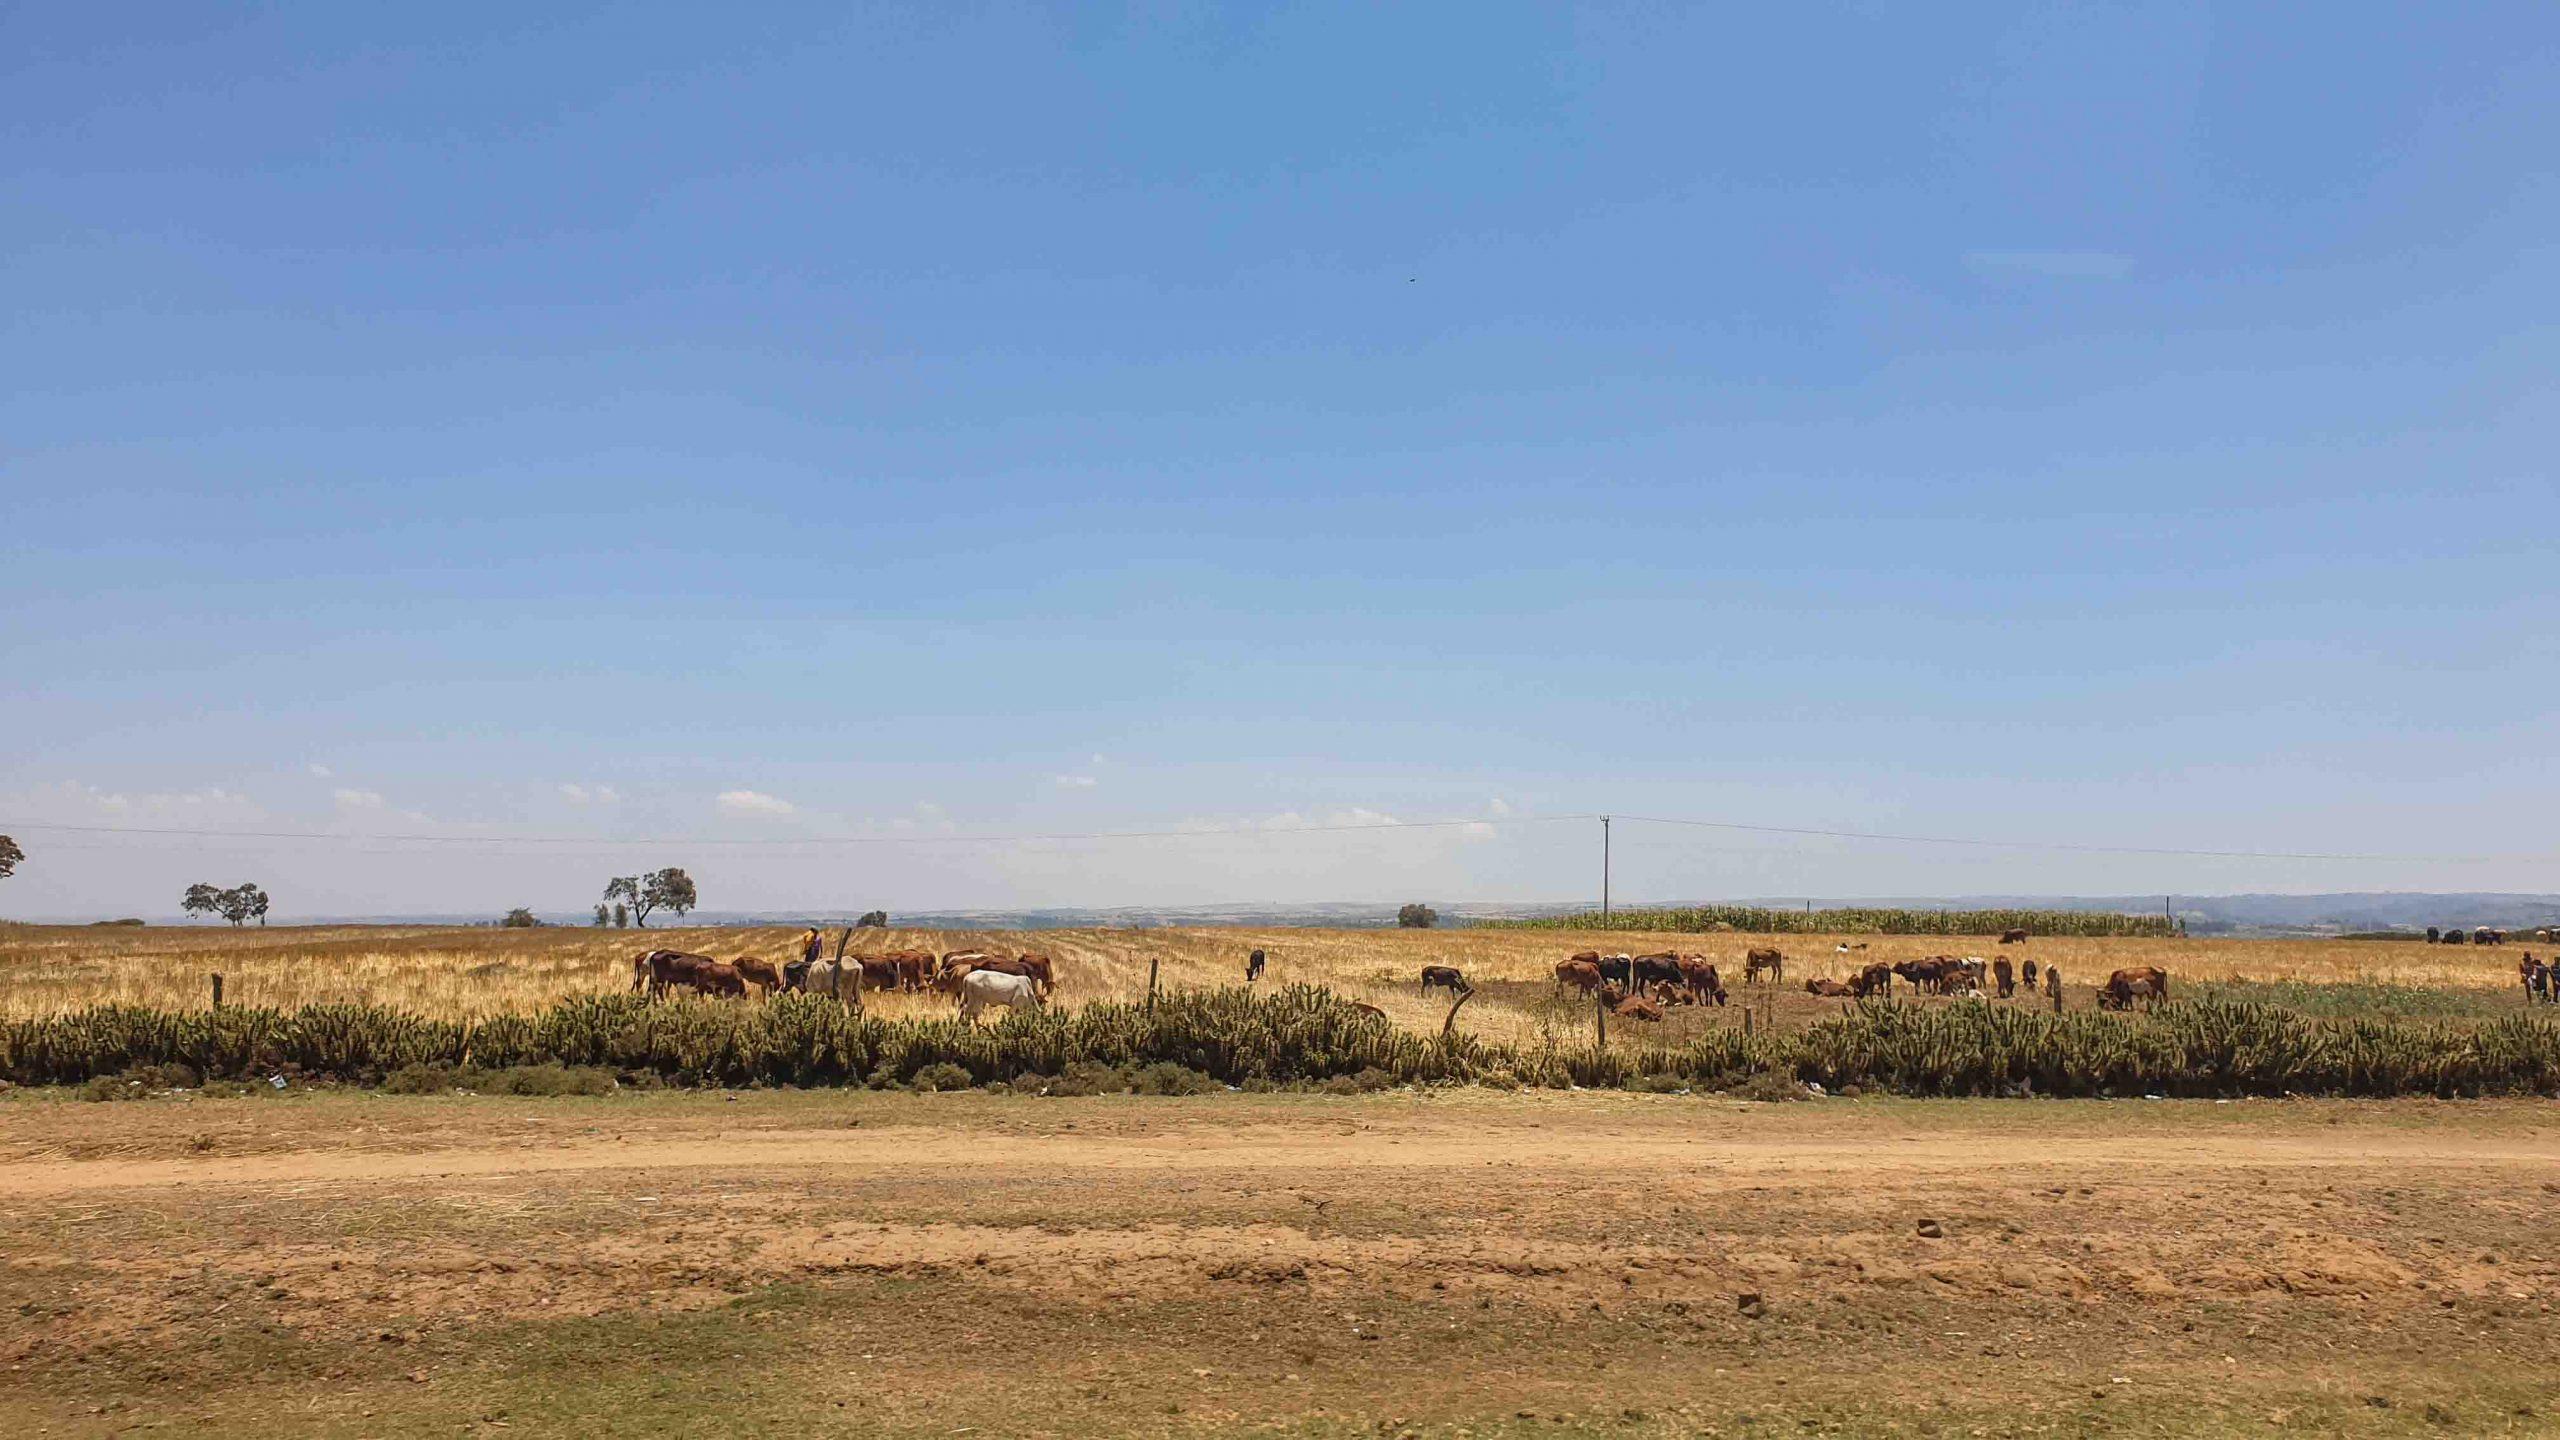 Paramos en una carretera rodeados de vacas